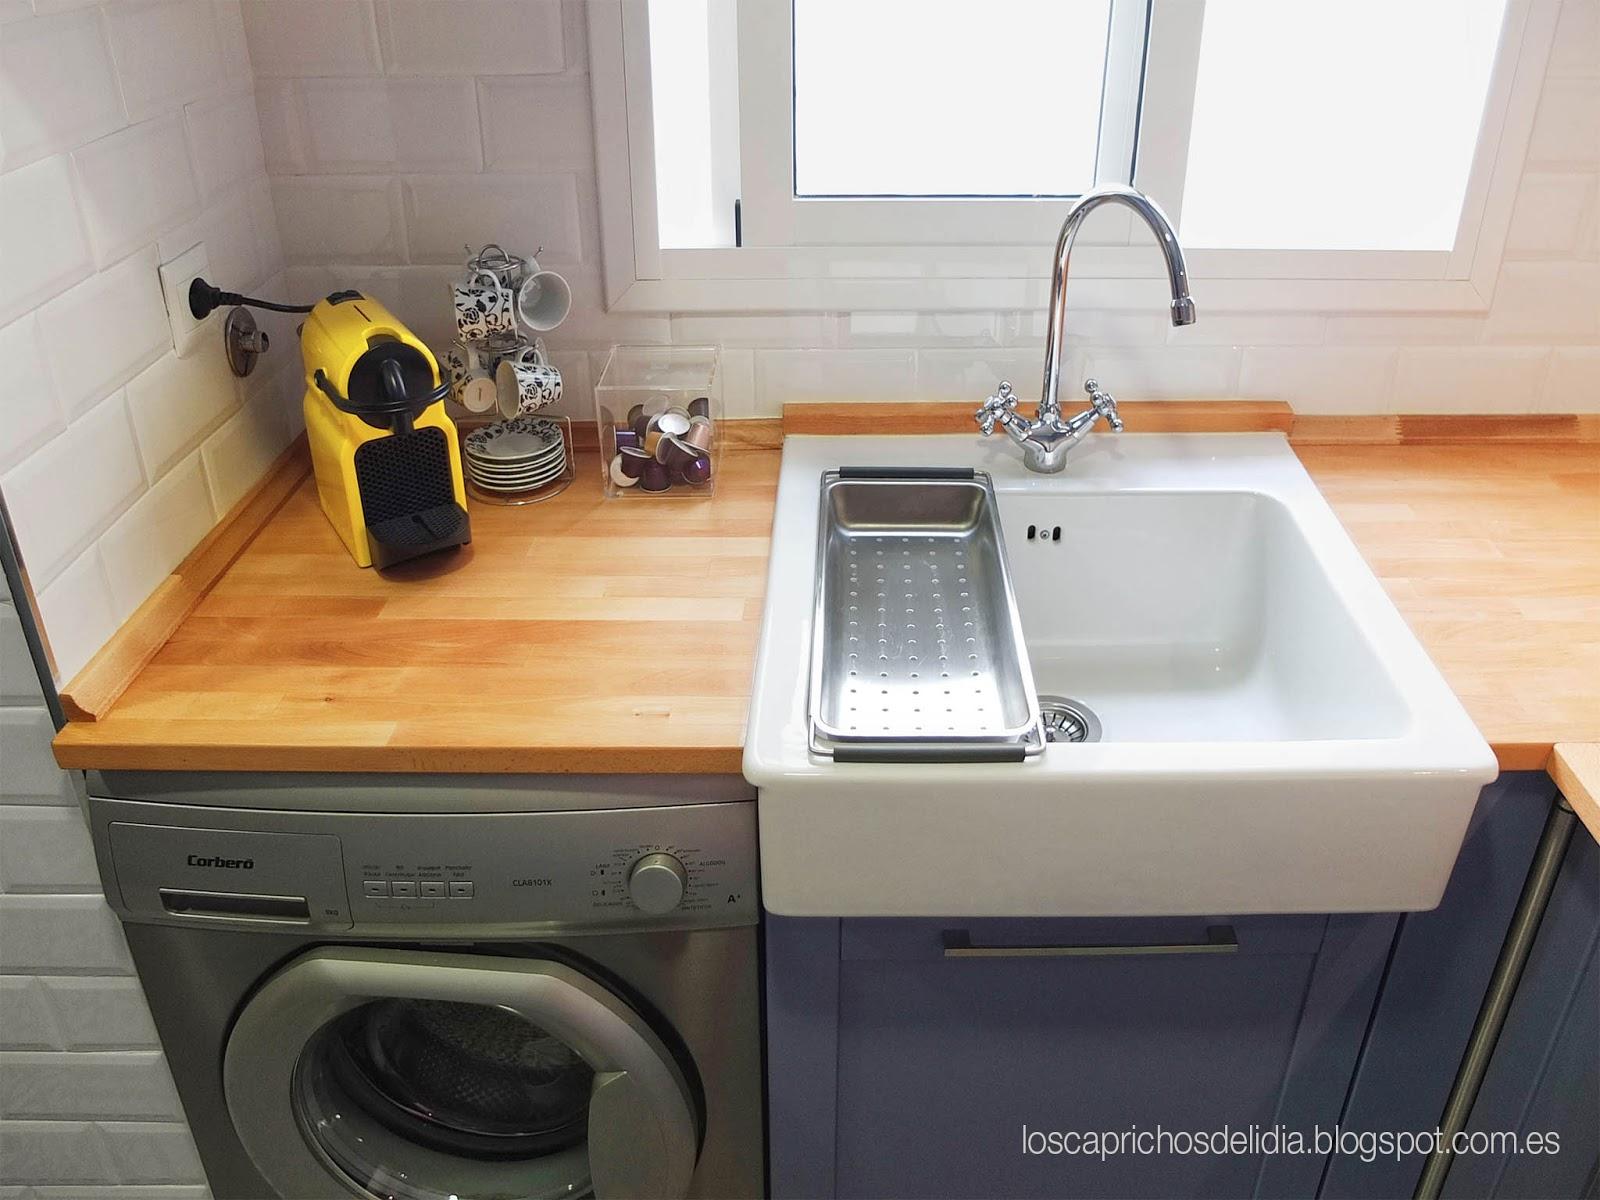 Ikea fregaderos os dejo con mi propuesta basada en esta - Fregadero cocina ikea ...